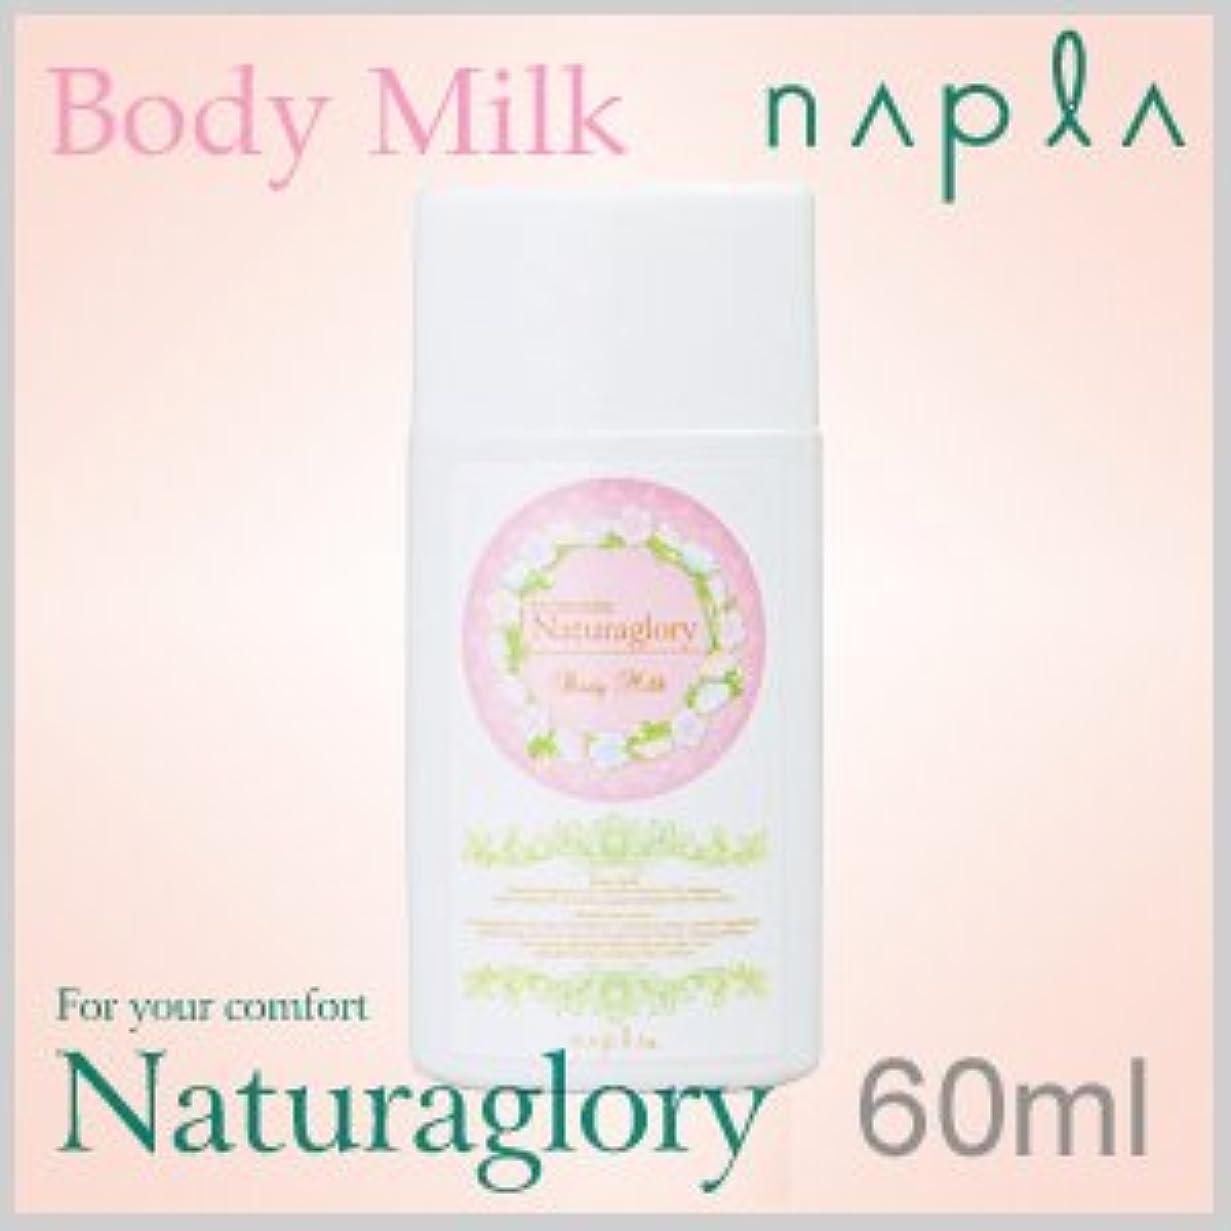 空醜い寄稿者ナプラ ケアテクトHB ナチュラグローリー ボディーミルク 60ml(お試し ミニサイズ) 無添加クリーム